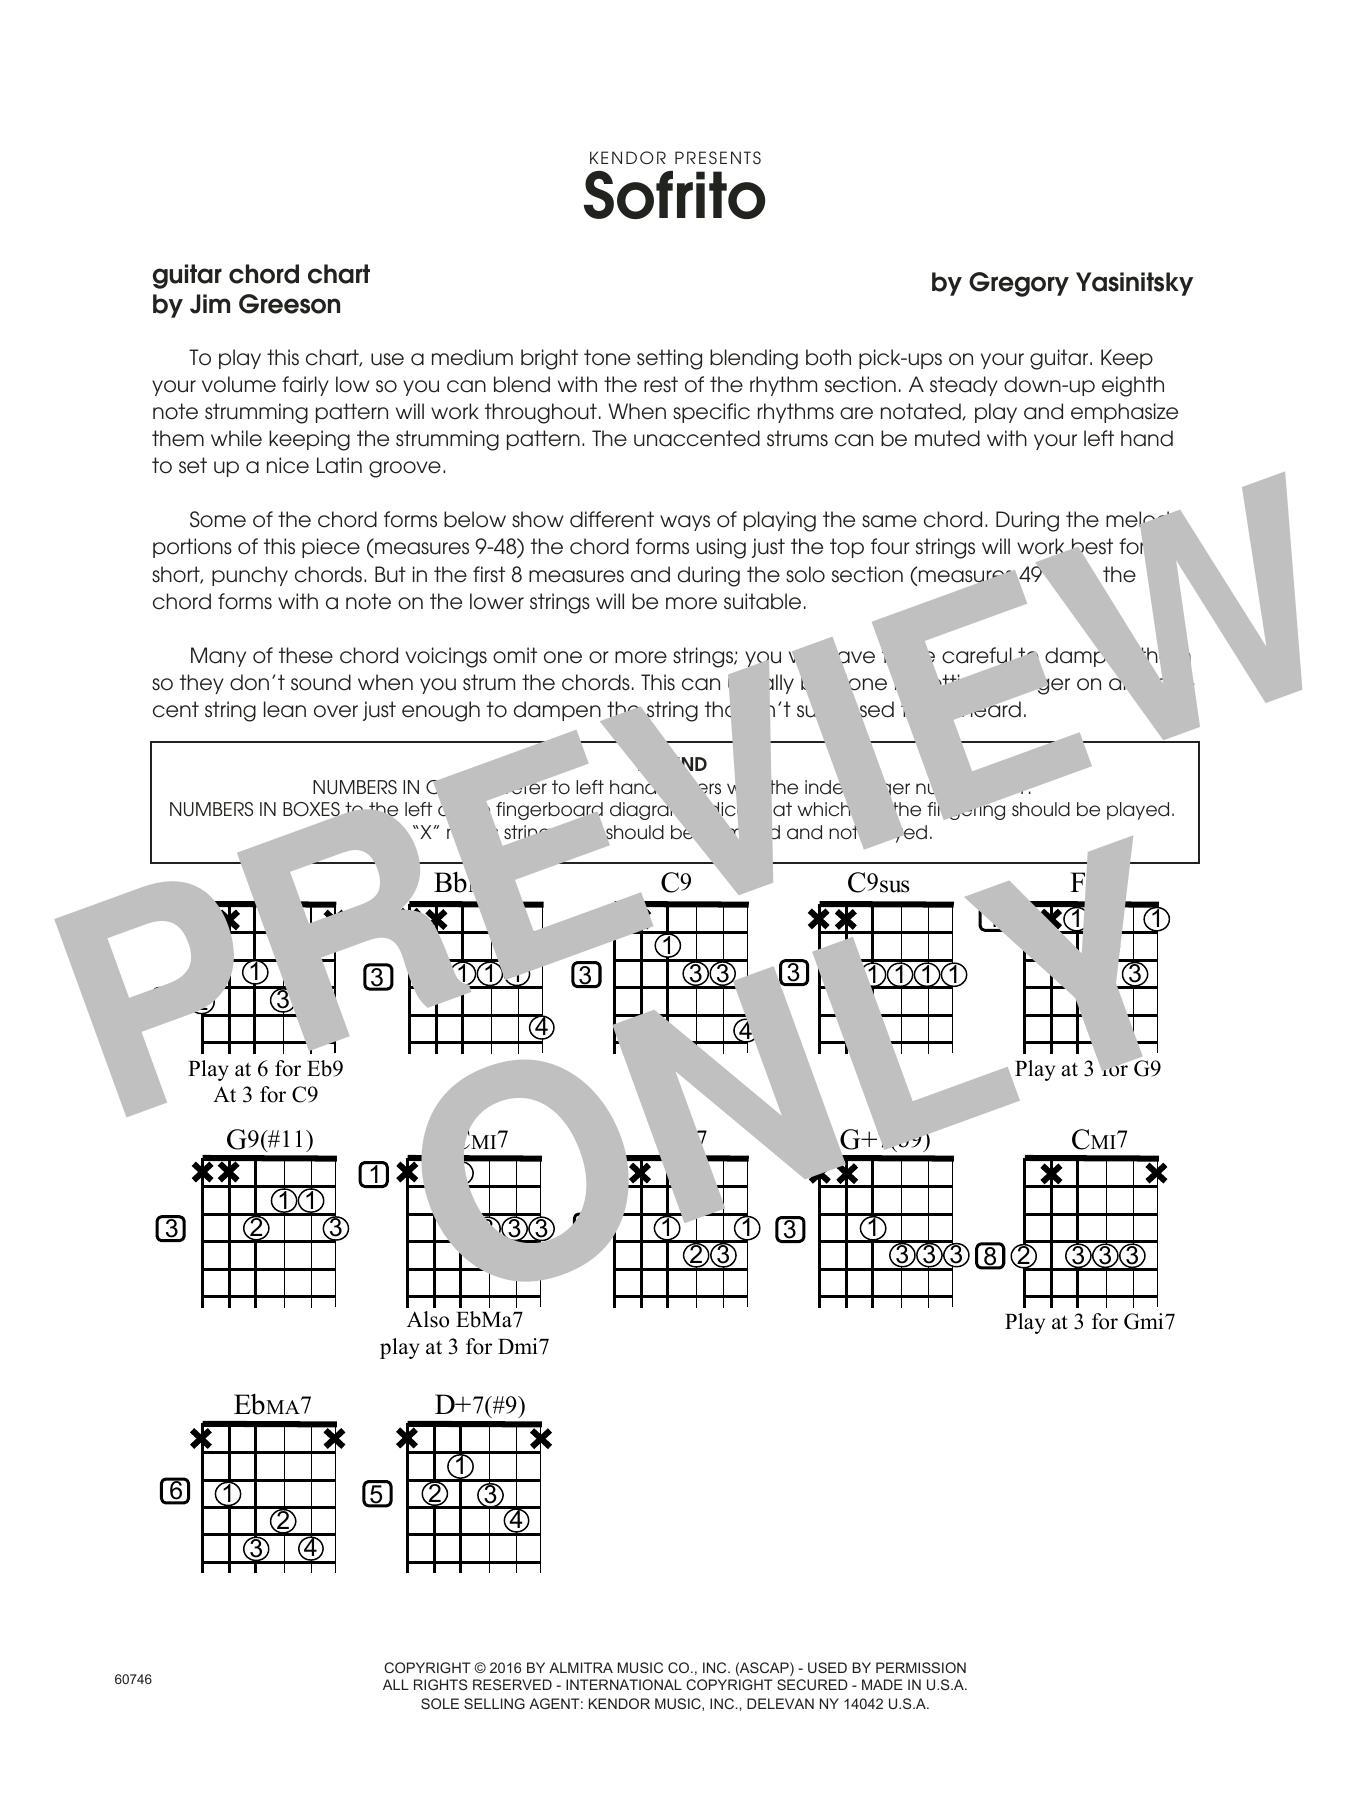 Sofrito - Guitar Chord Chart Sheet Music